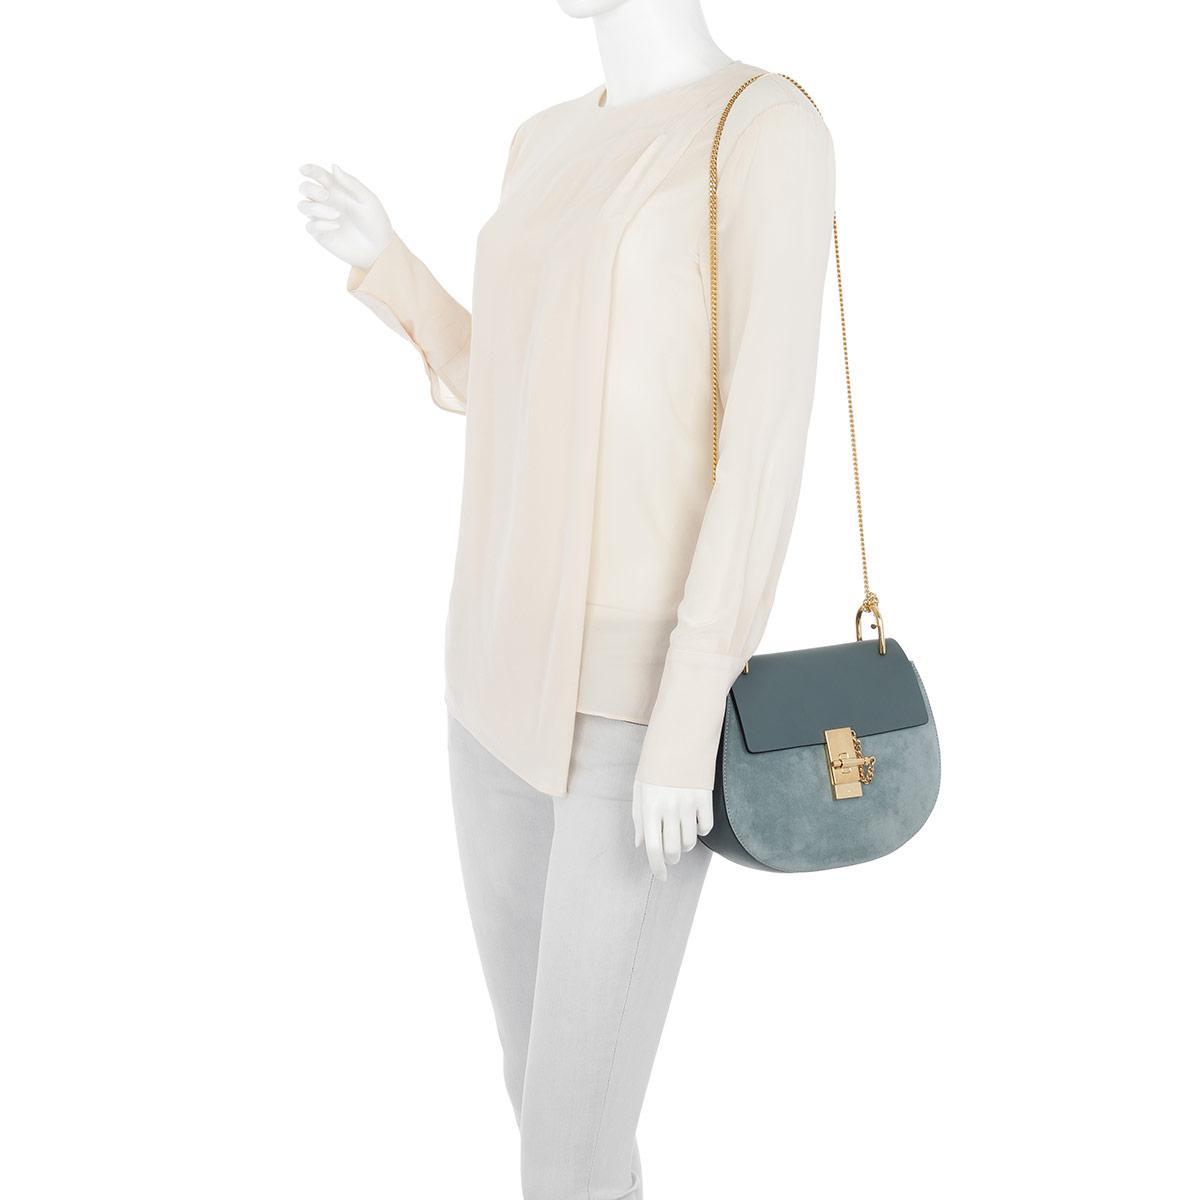 Chloé Drew Crossbody Bag Suede Cloudy Blue